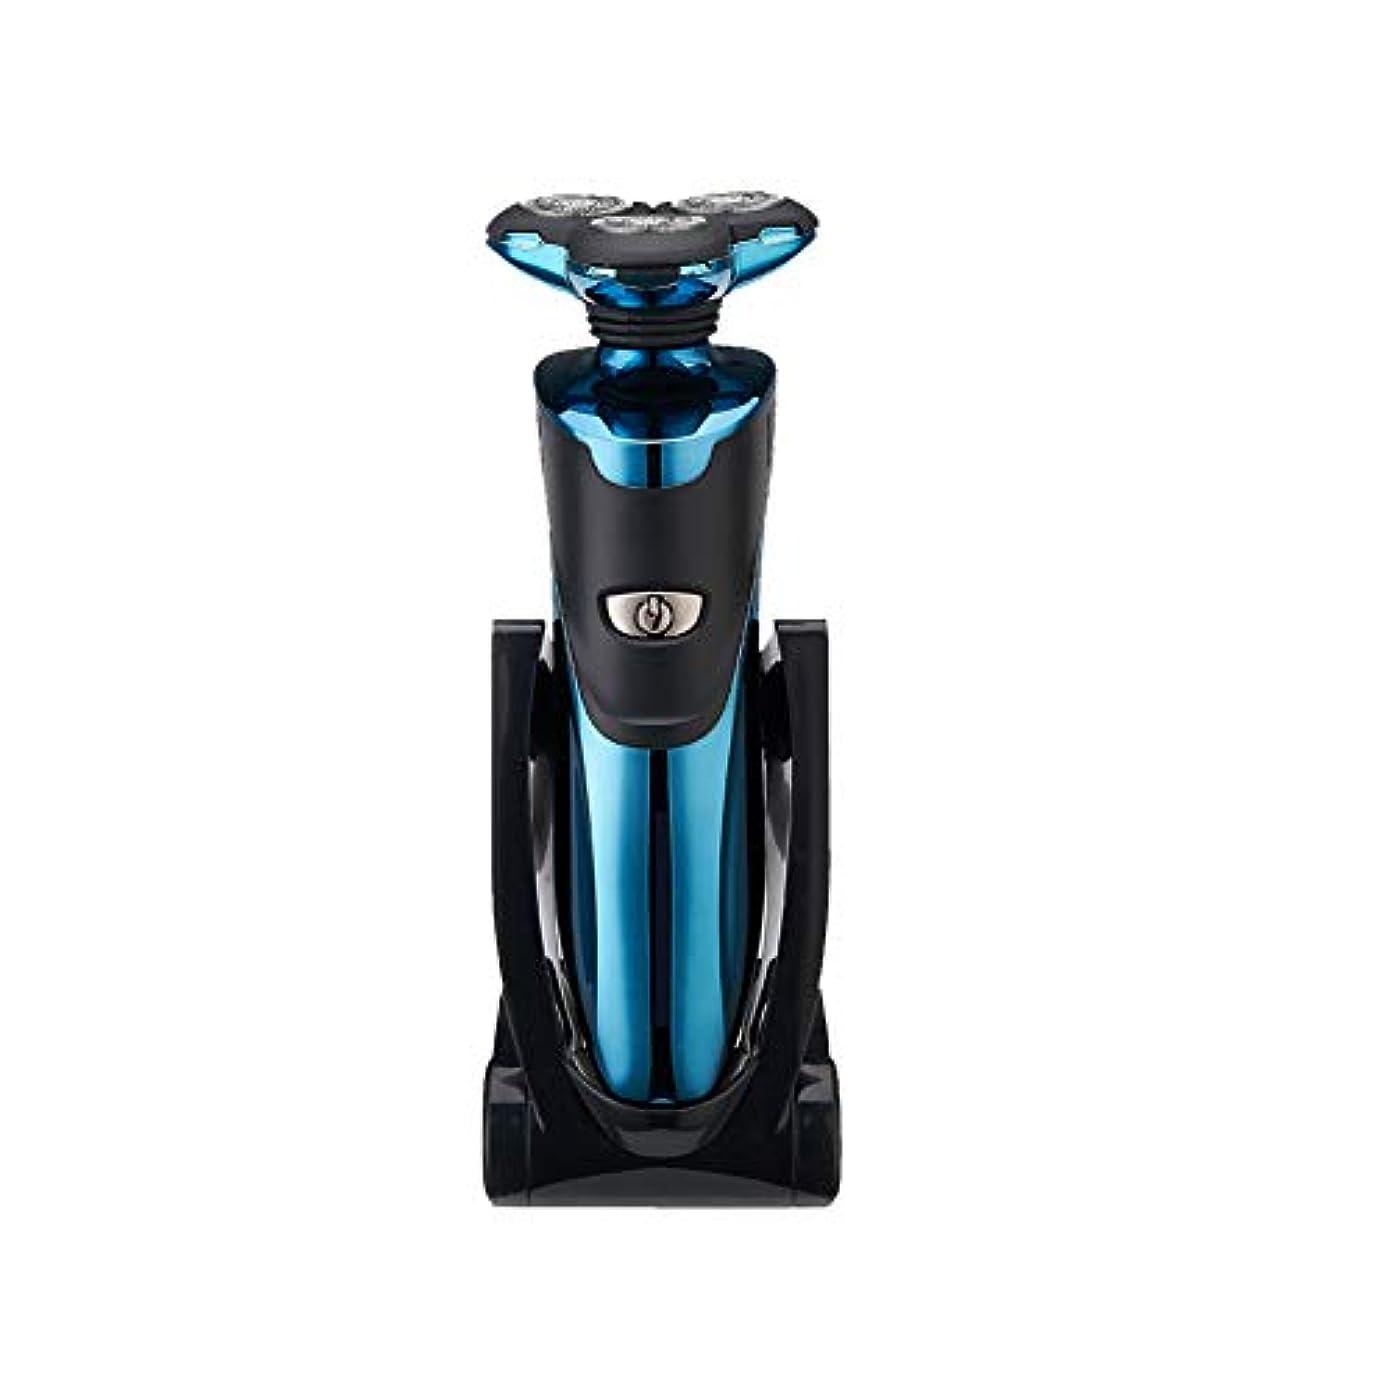 4で1電気シェーバー男性かみそり4 d濡れた乾式ロータリーシェービングIpx 7防水2019年更新バージョンアダプター付きトリマーグルーミングキット,Blue